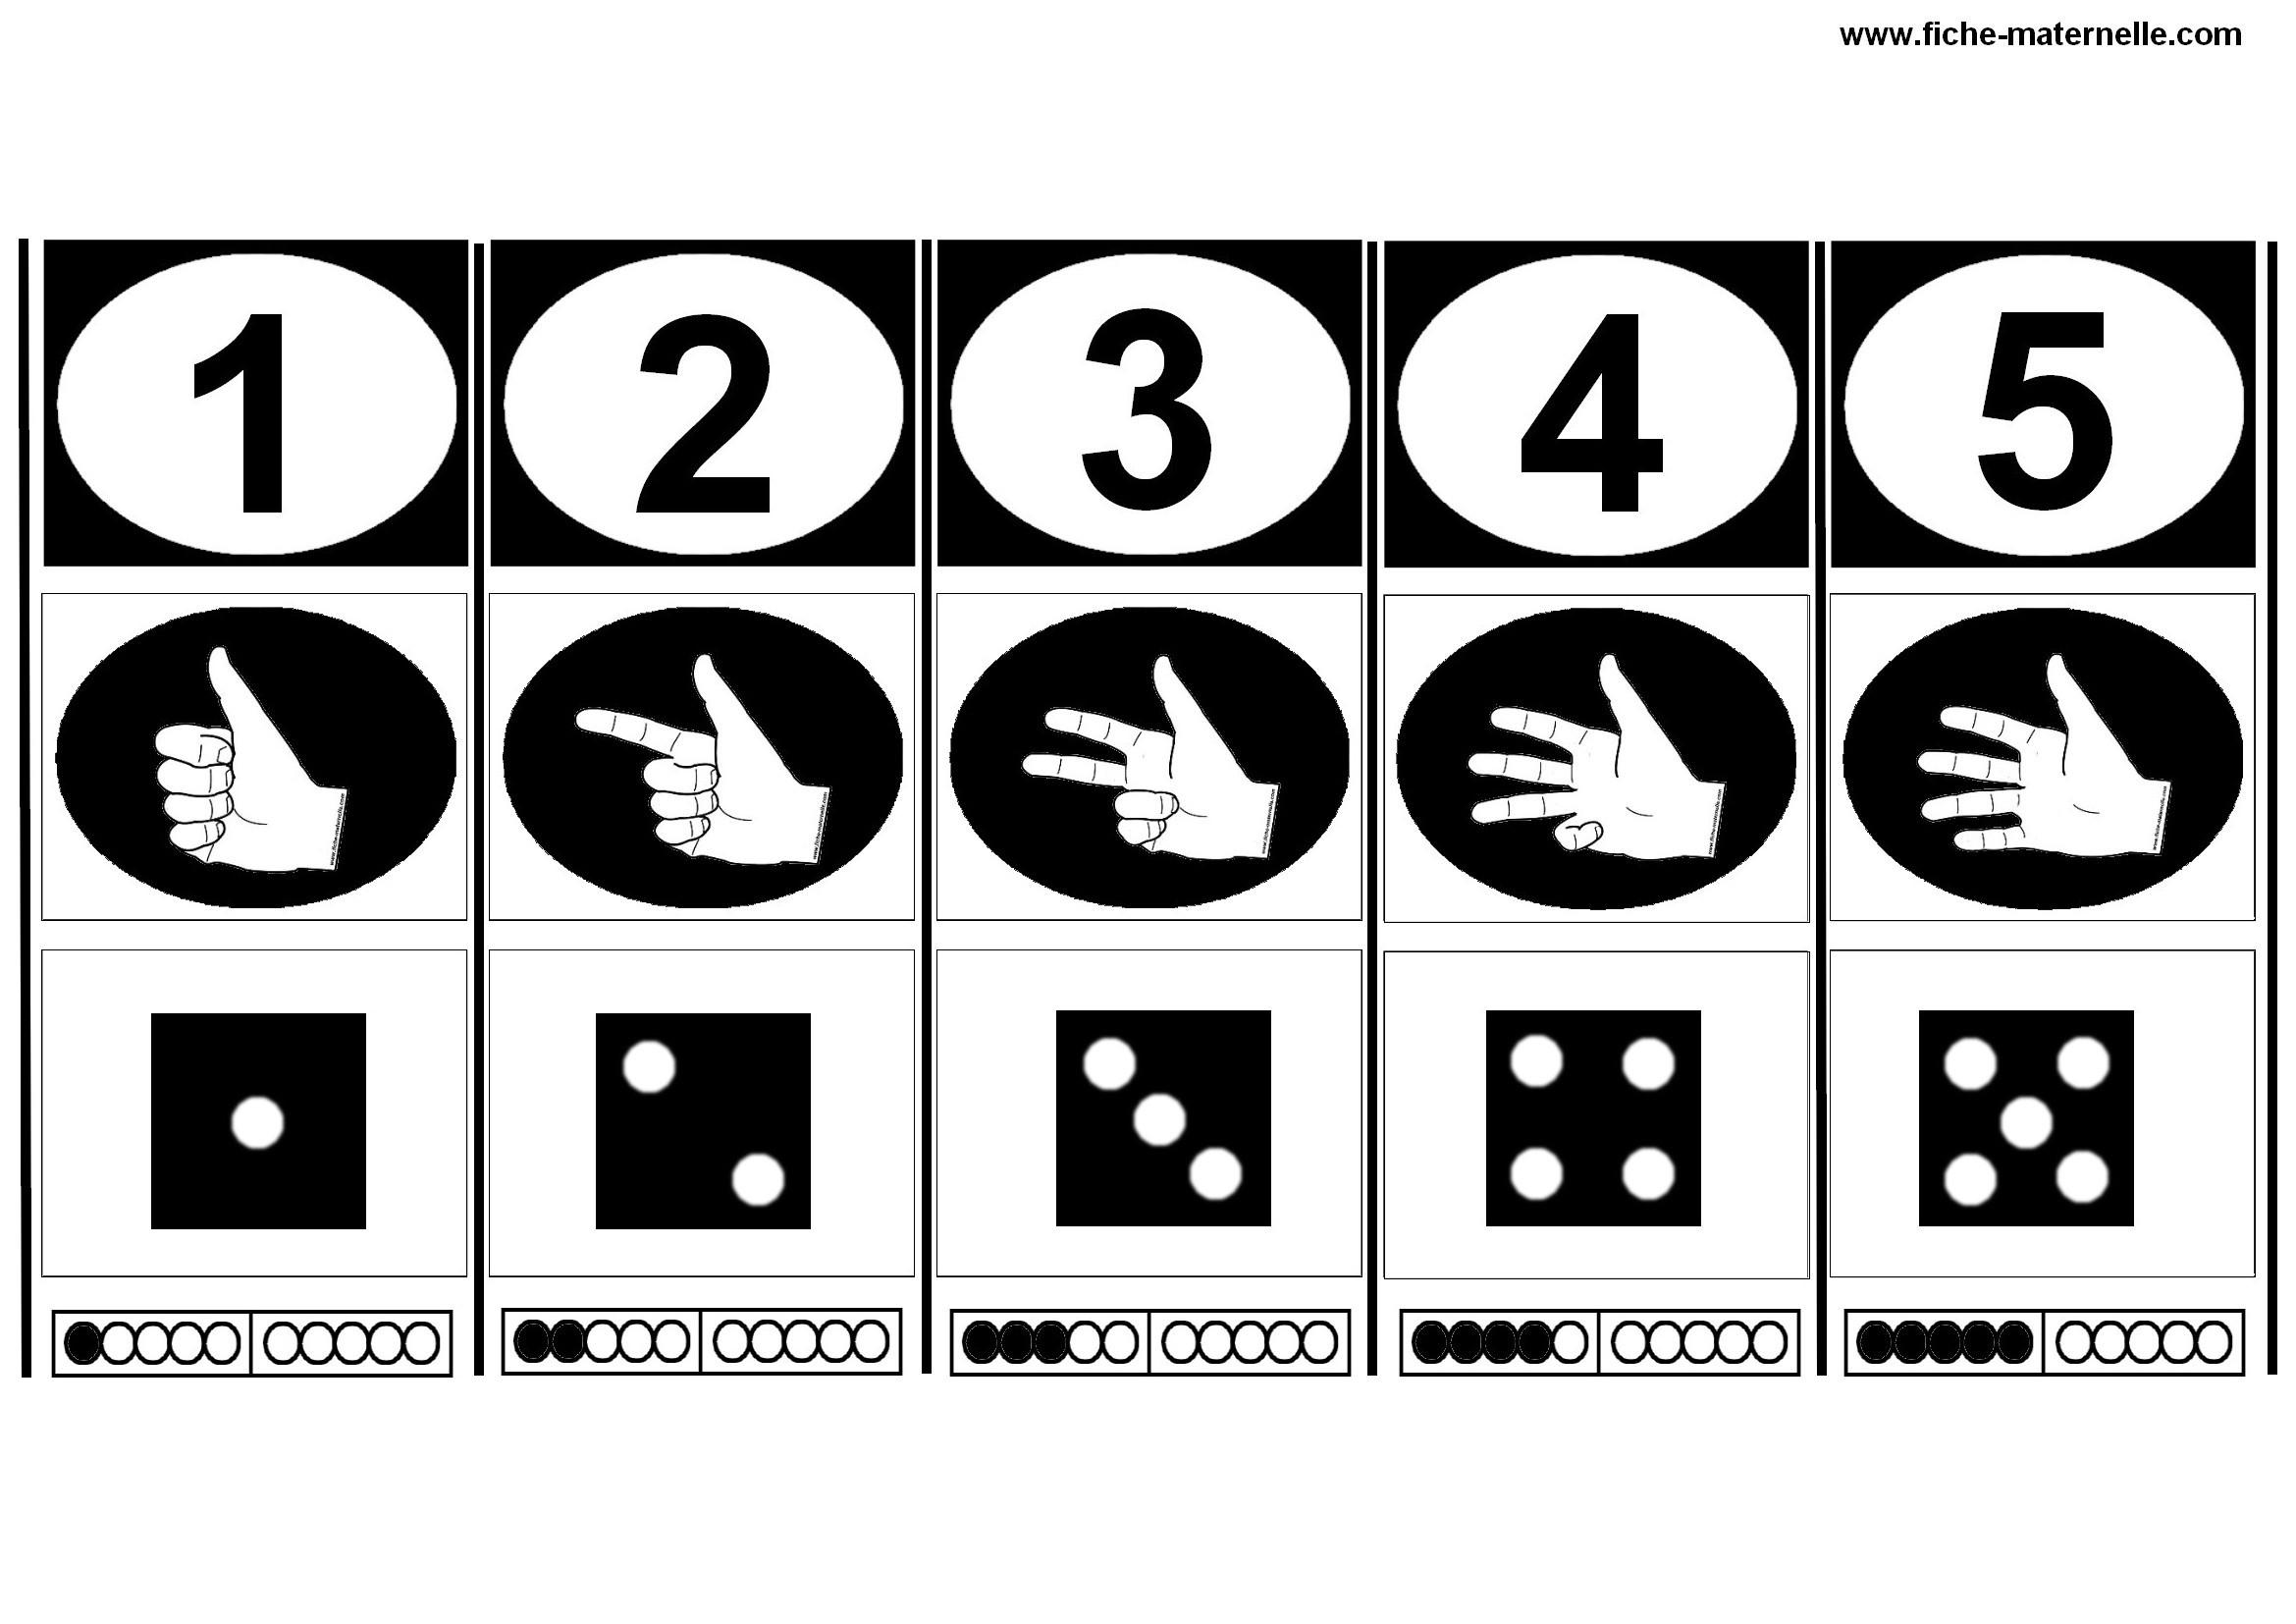 Affichage En Maternelle Et Cp : Représentation Des Quantités avec Apprendre A Compter Maternelle